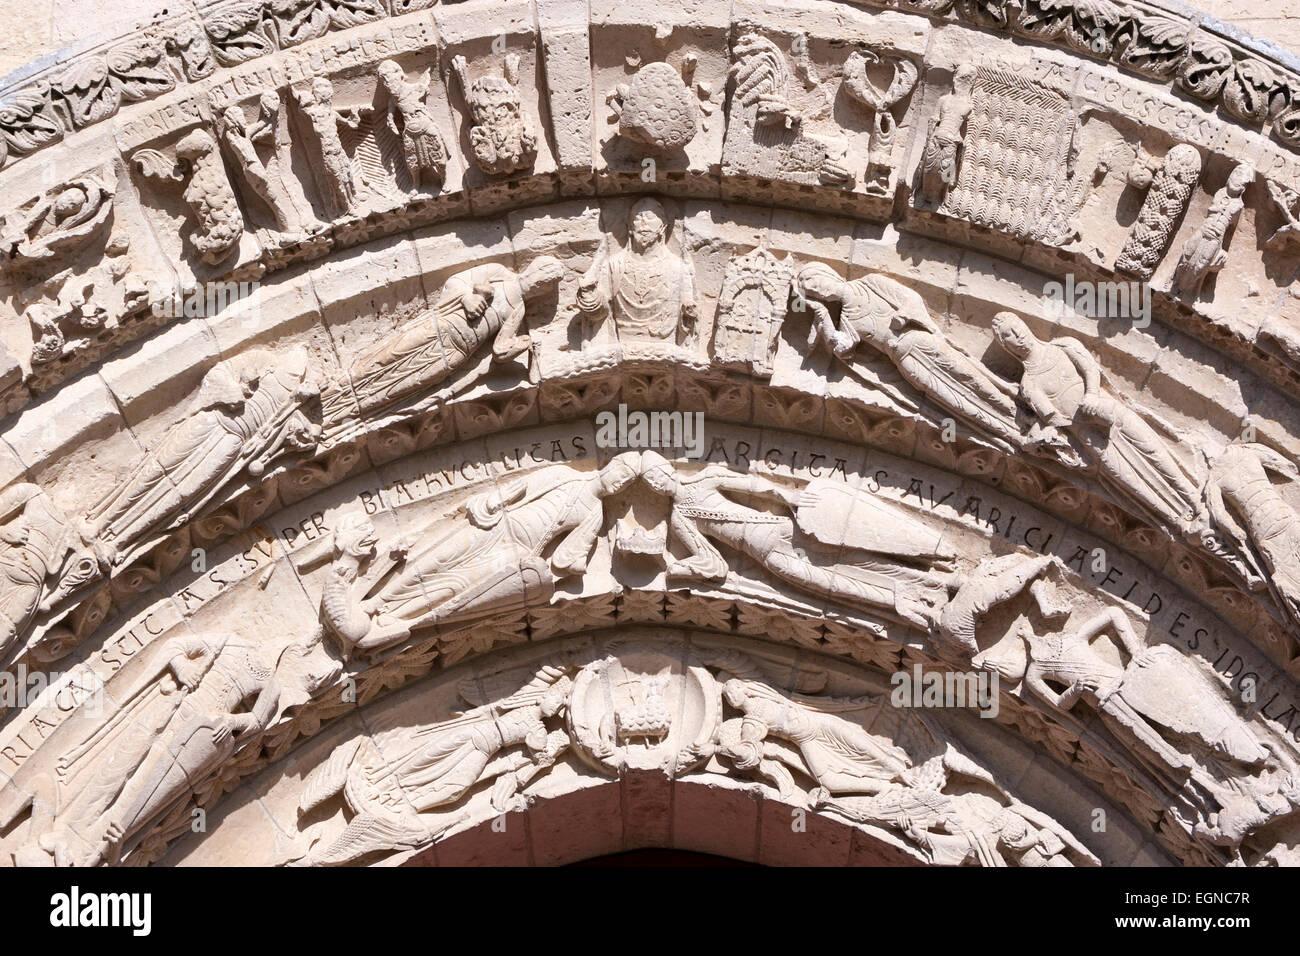 Detail of the front side of Church of Saint-Pierre-de-la-Tour d'Aulnay. - Stock Image